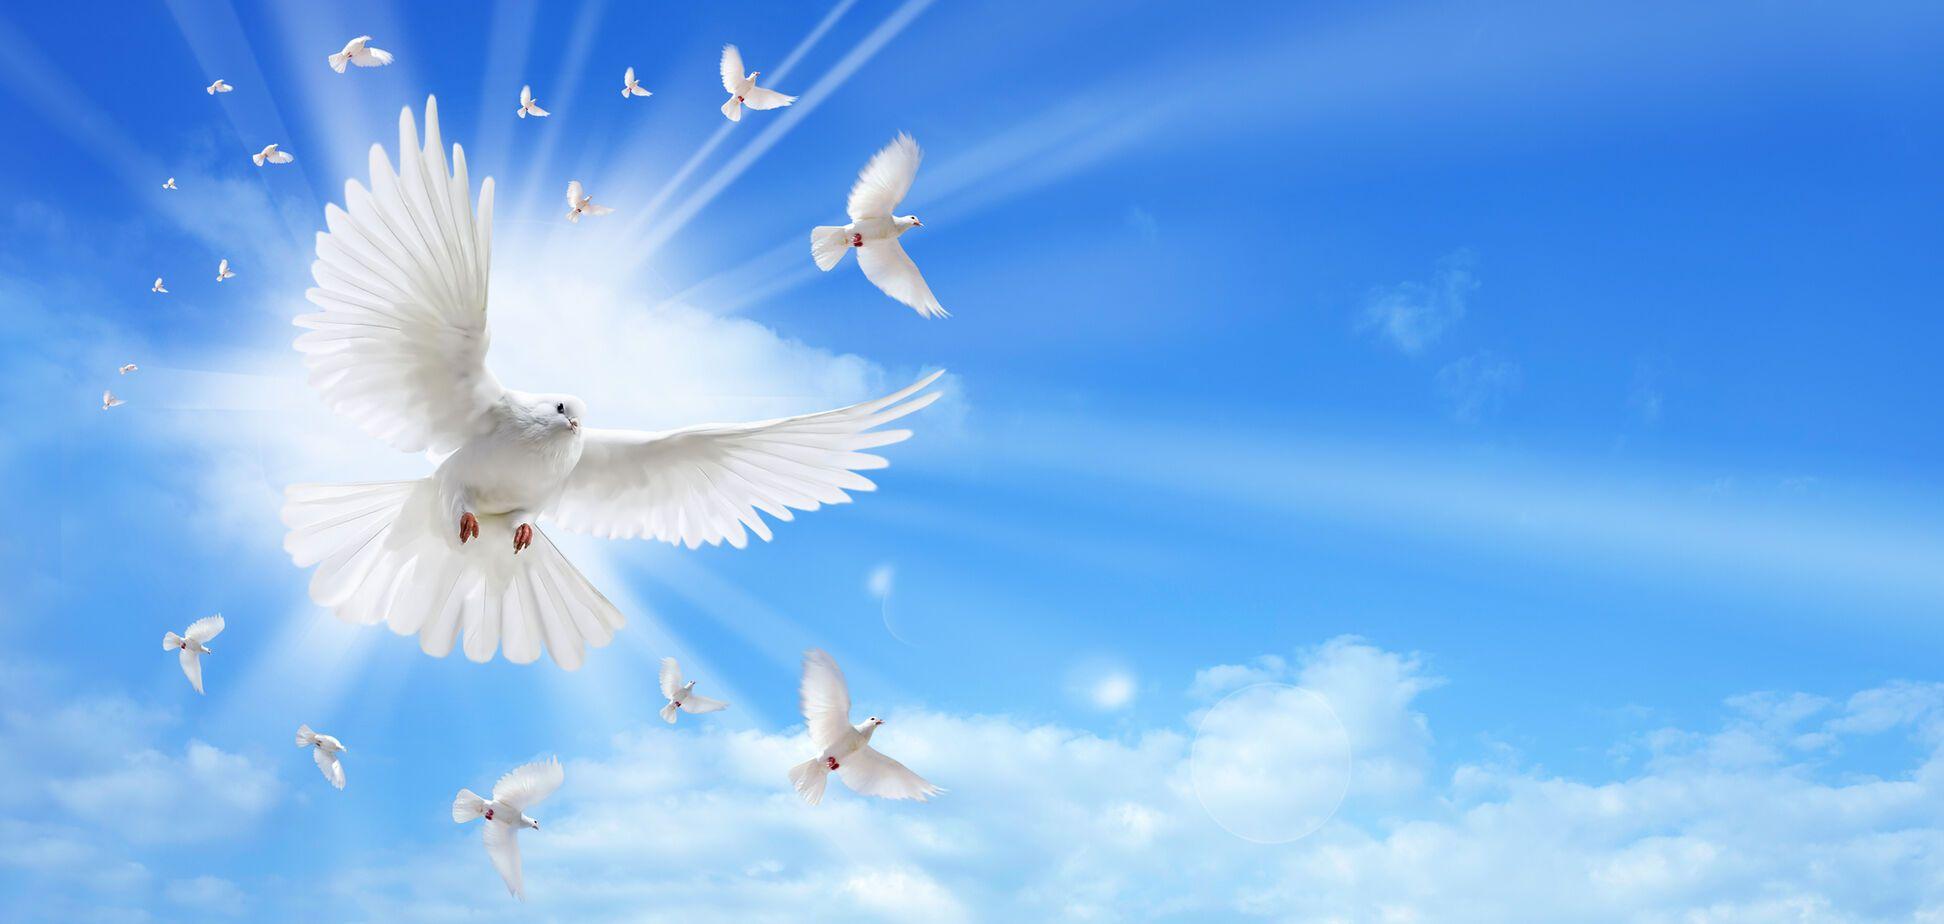 С Благовещением! Красивые поздравления, открытки и видео